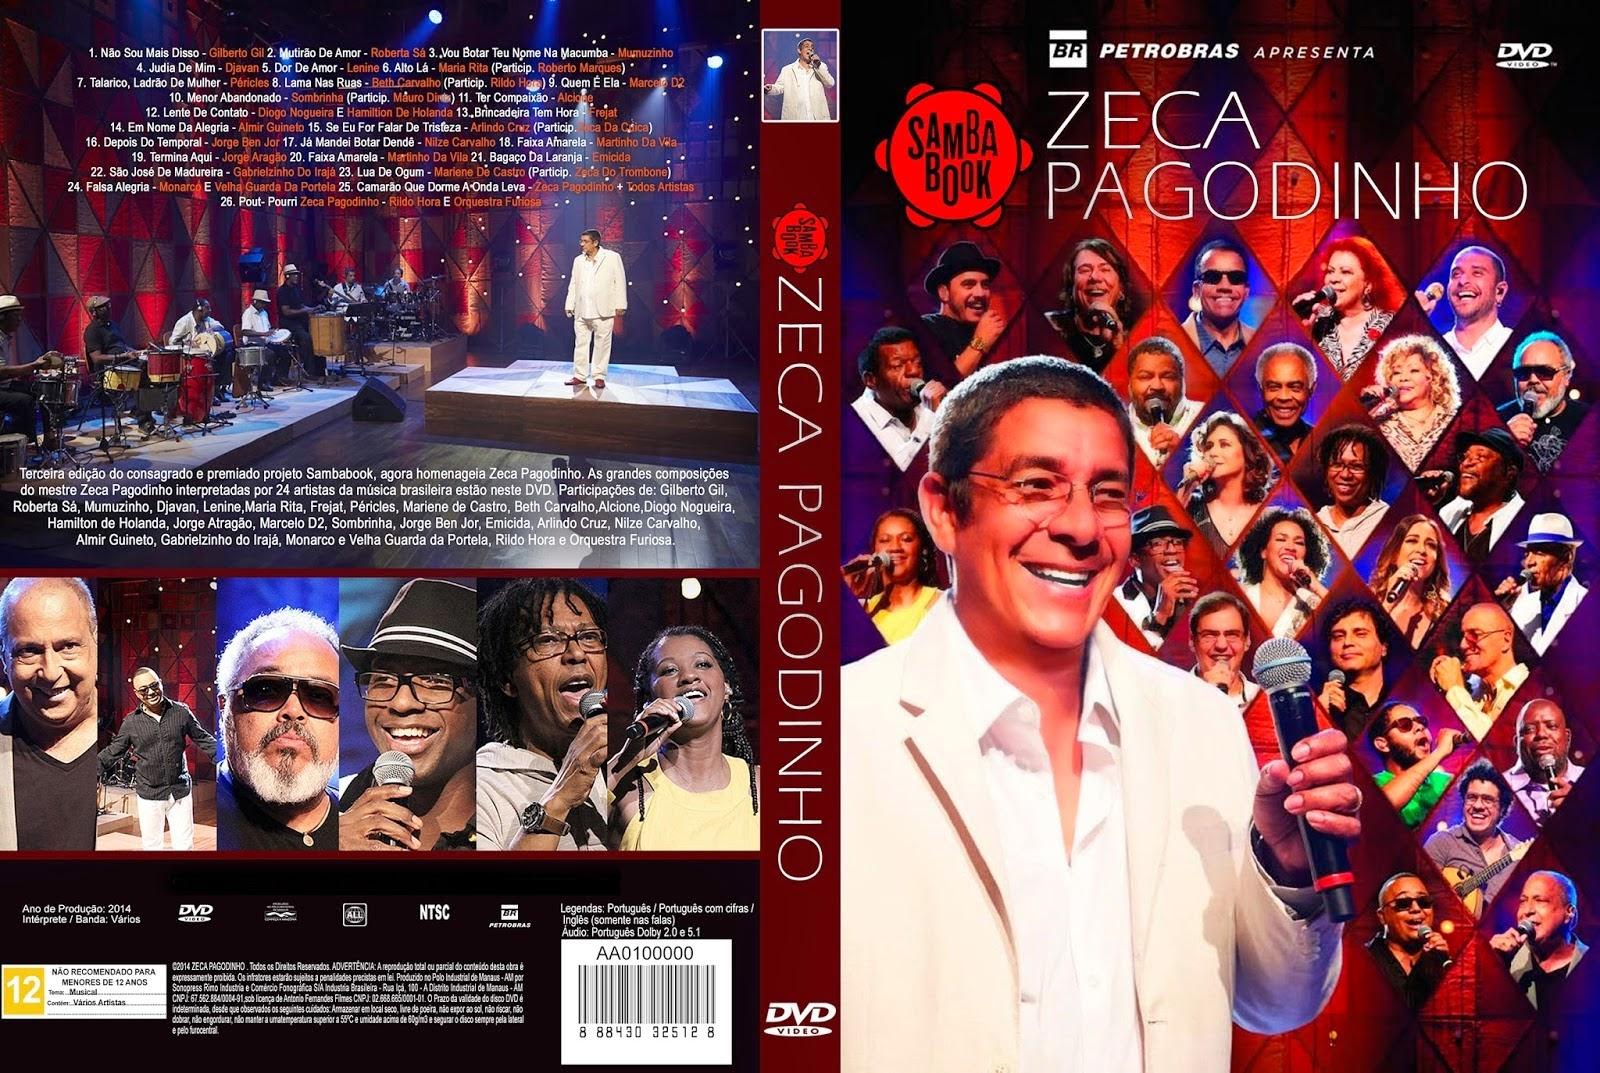 Download Zeca Pagodinho Sambabook DVD-R Zeca Pagodinho Sambabook